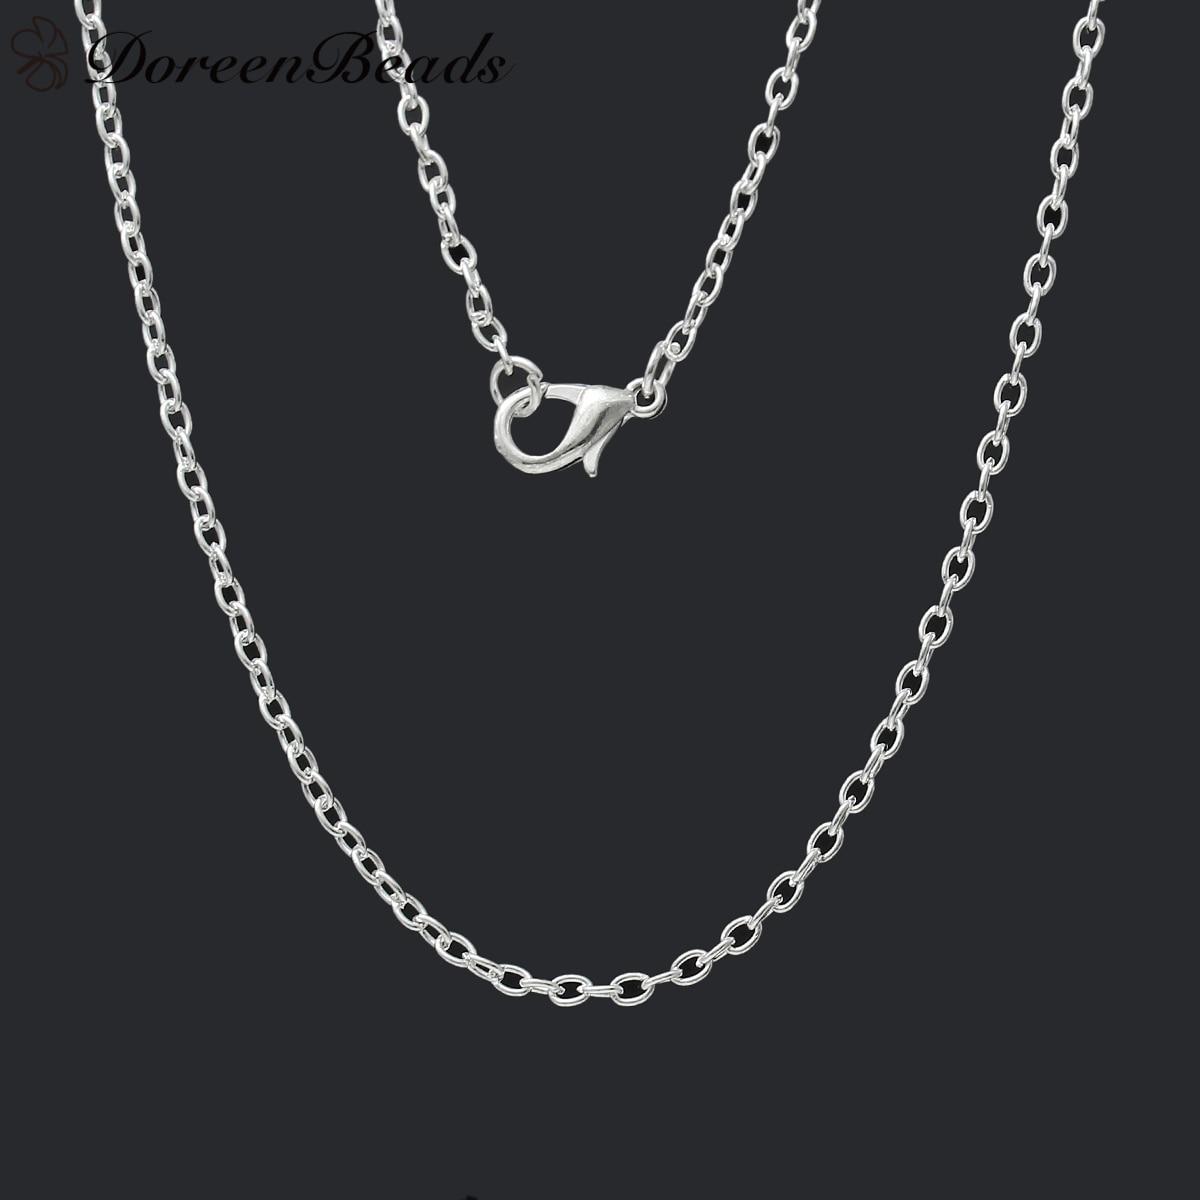 DoreenBeads Jewelry...